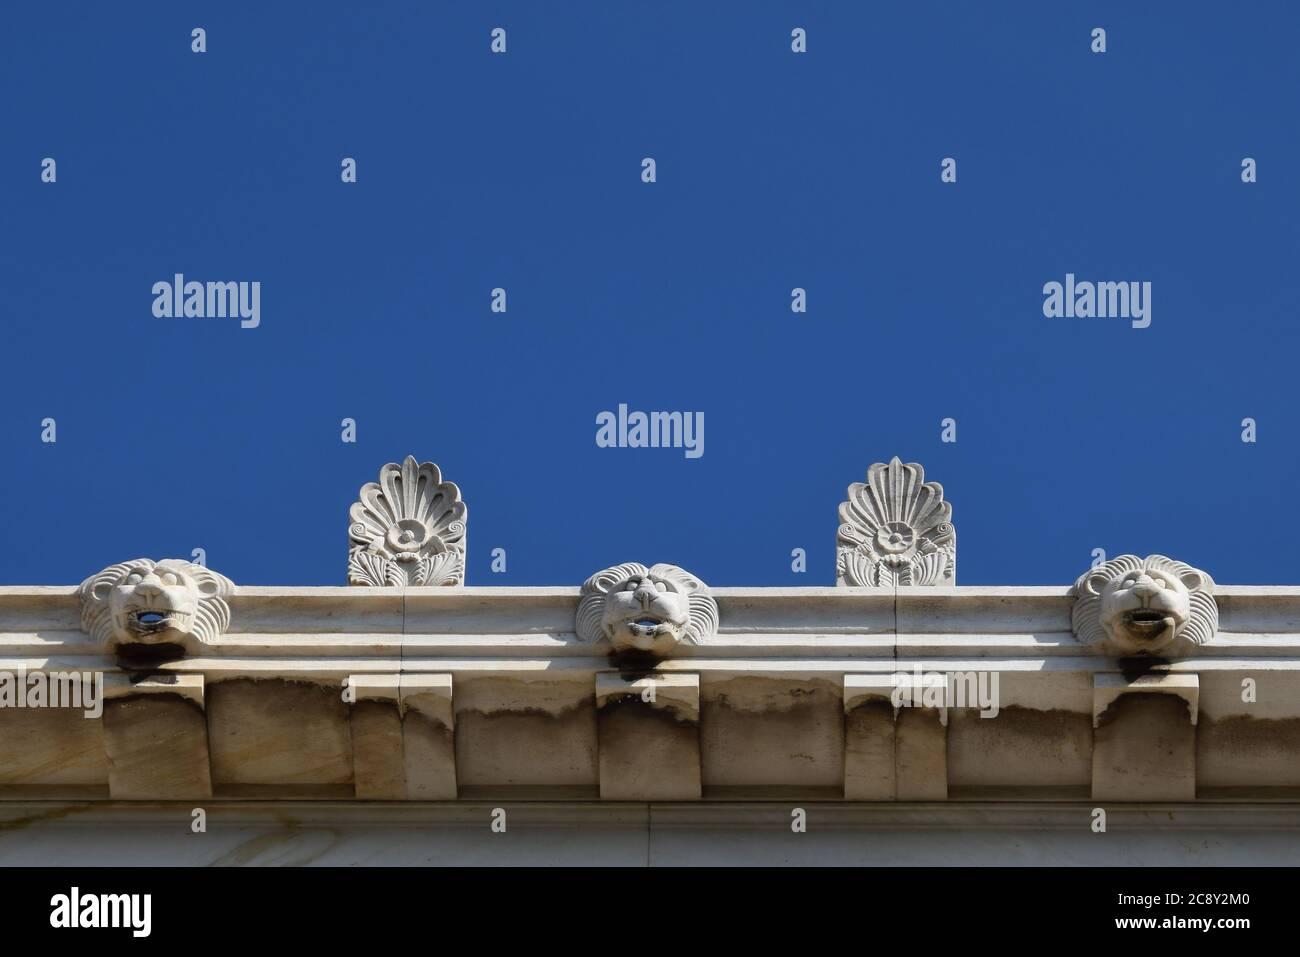 Palmette-Antefix-Ornamente und Löwenkopf-Abfluss-Wasserspüsse auf dem Dach von Stoa Attalos in der antiken Agora von Athen, Griechenland. Architektonische Details. Stockfoto